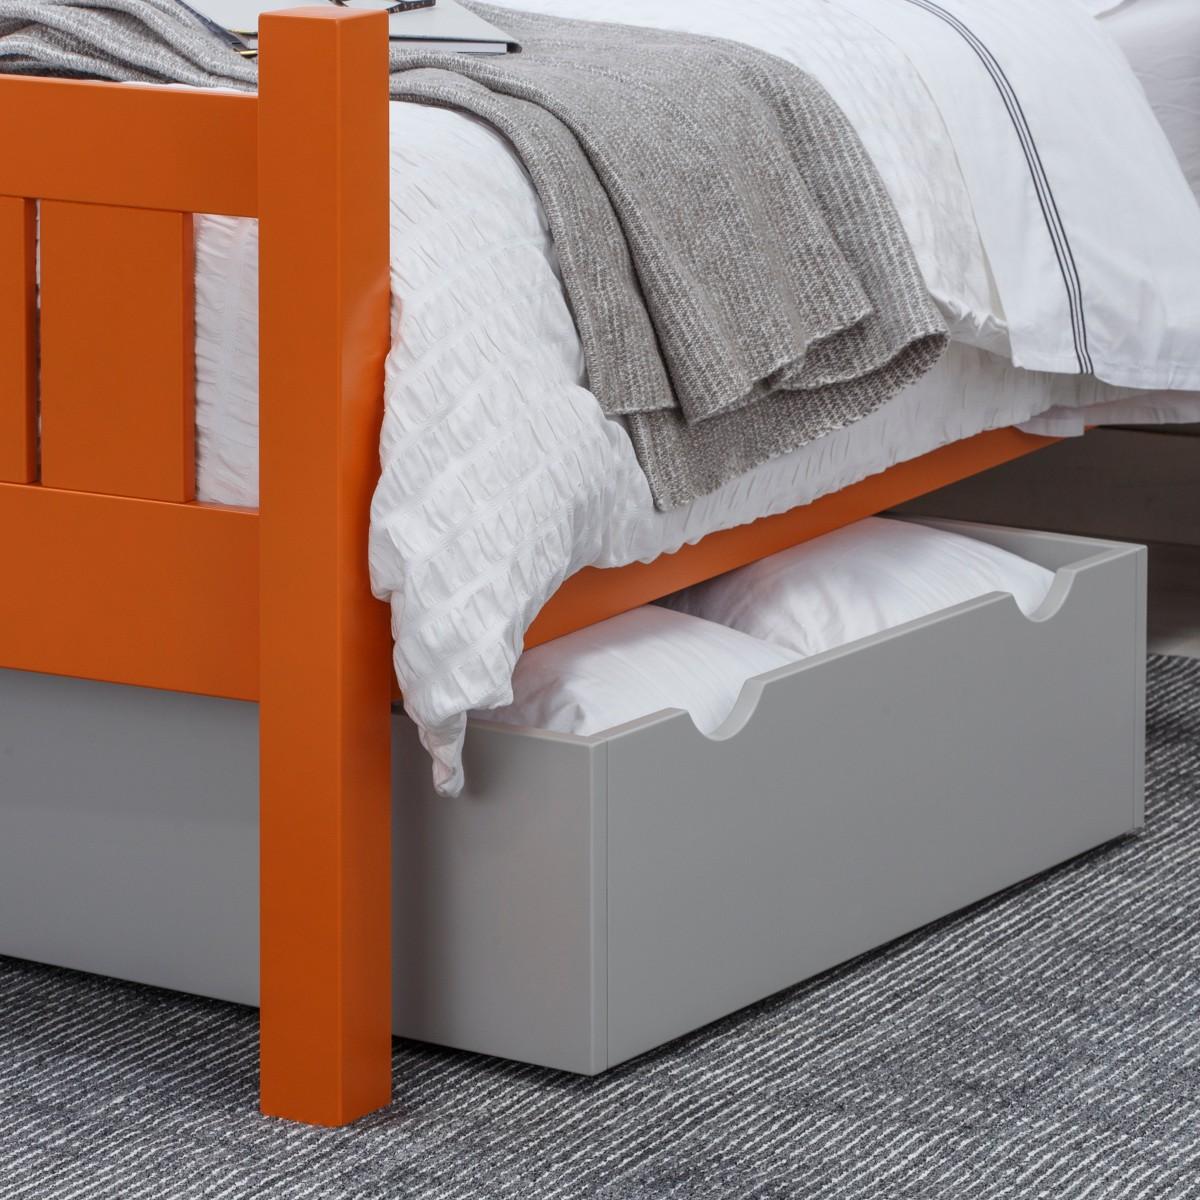 Bed Bin